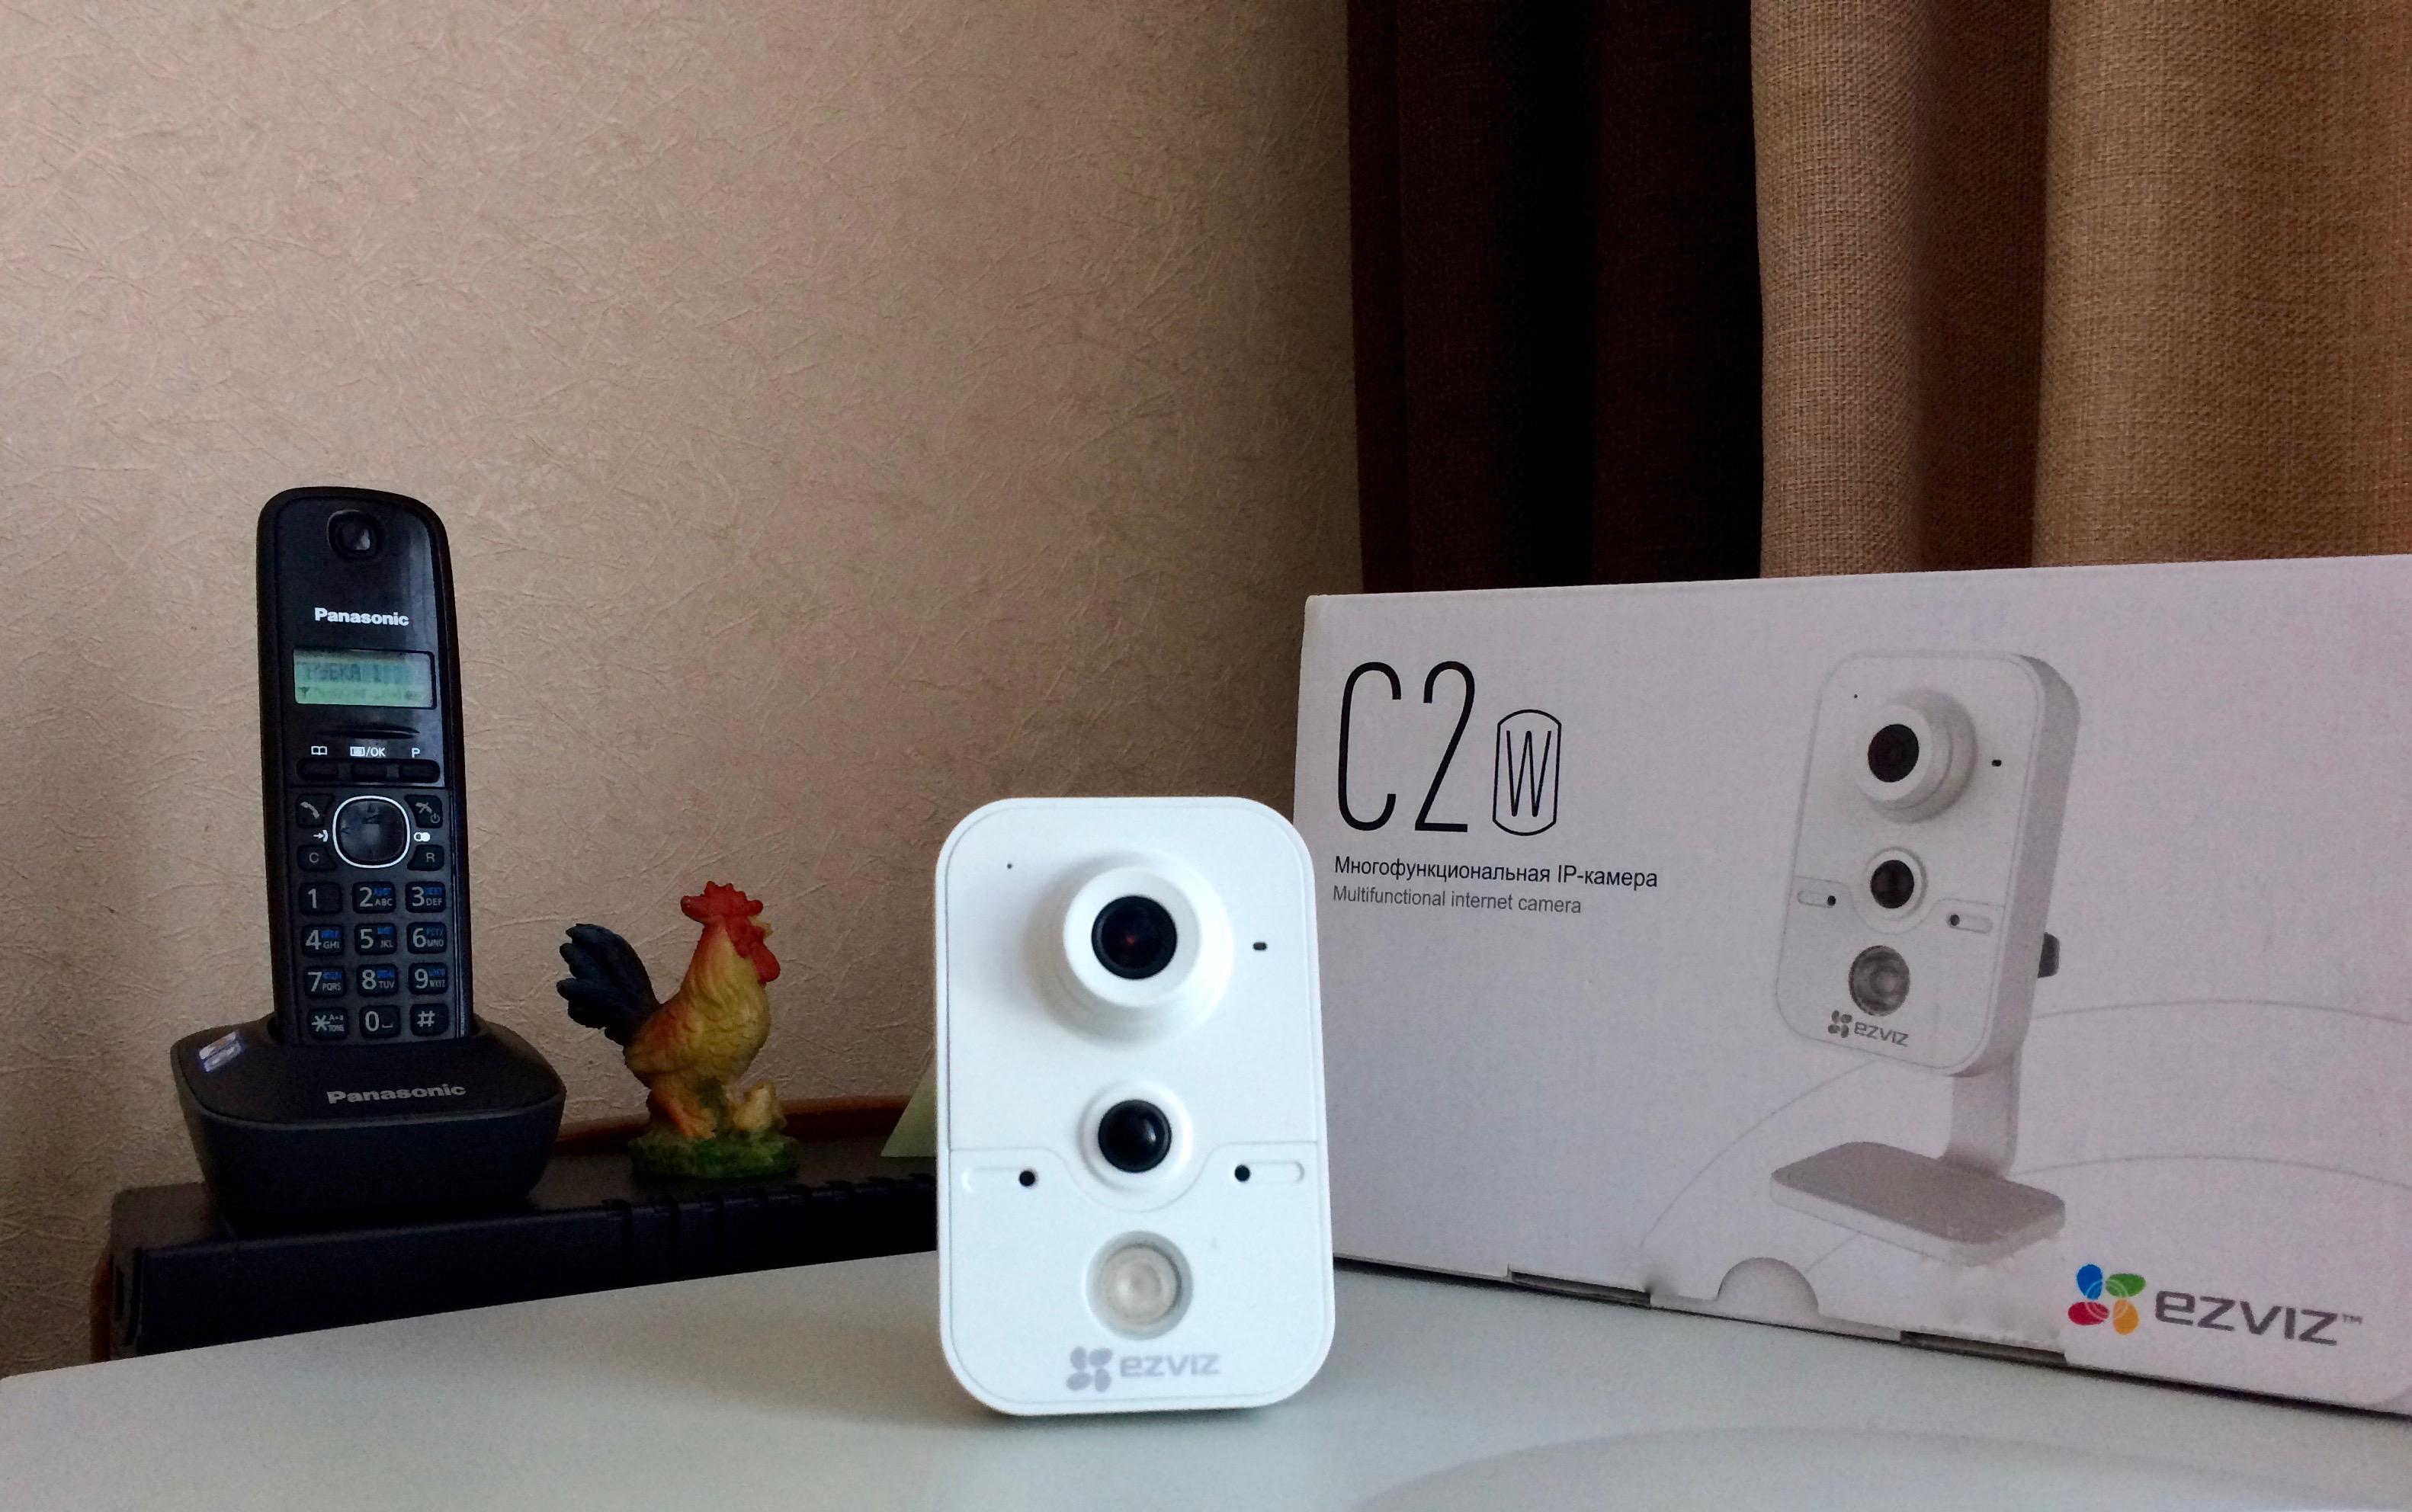 многофункциональная IP-камера Ezviz C2W